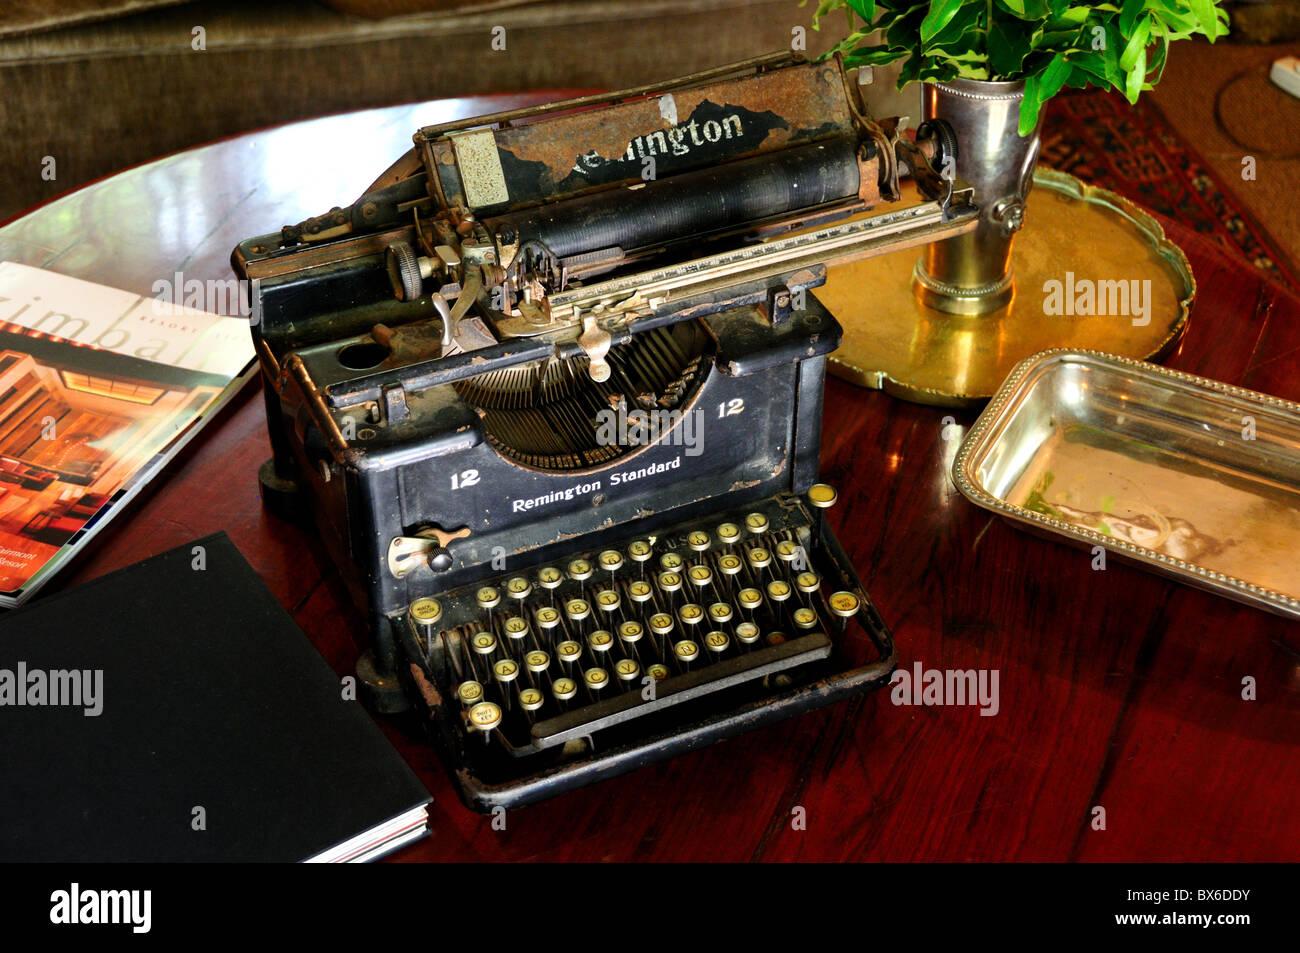 typewriter remington photos typewriter remington images alamy. Black Bedroom Furniture Sets. Home Design Ideas